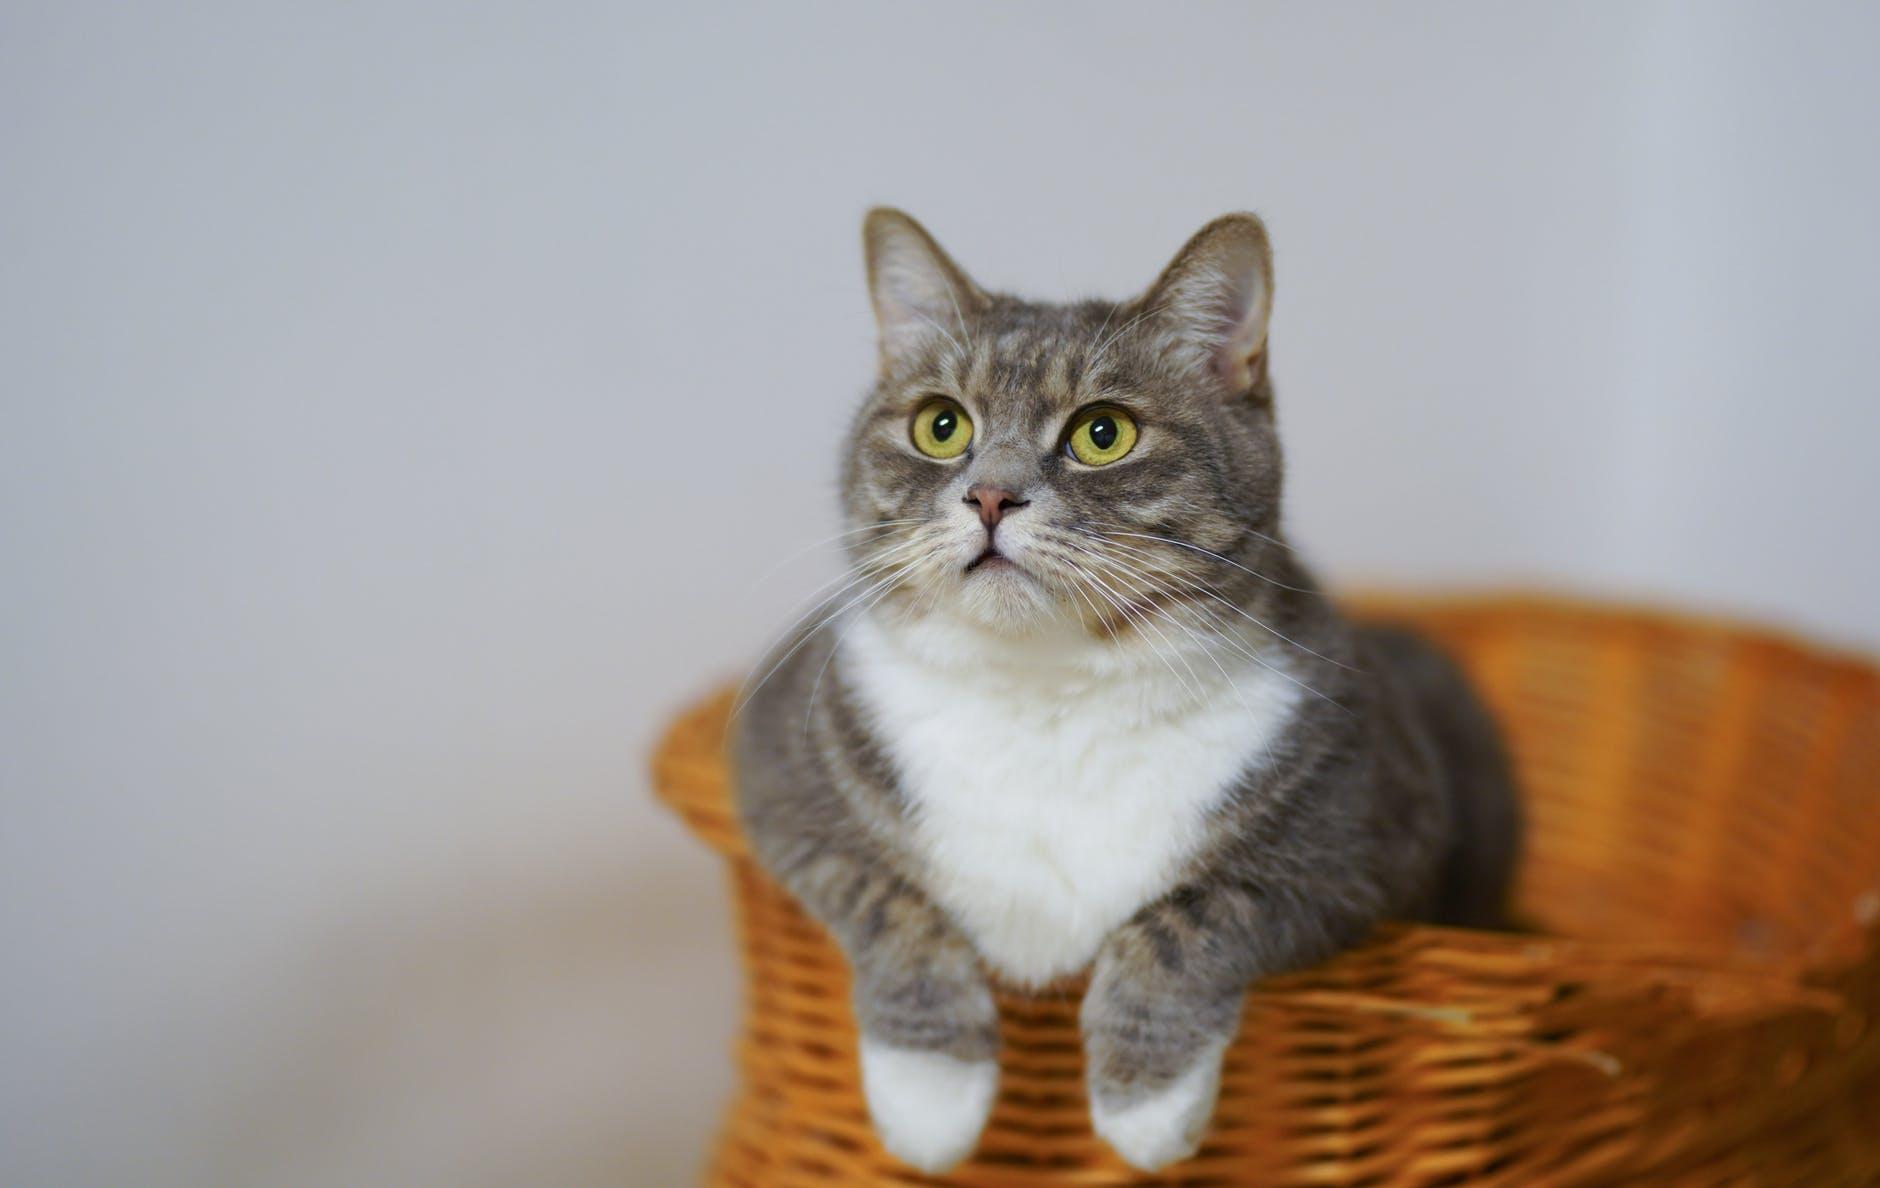 El gato es un felino pequeño